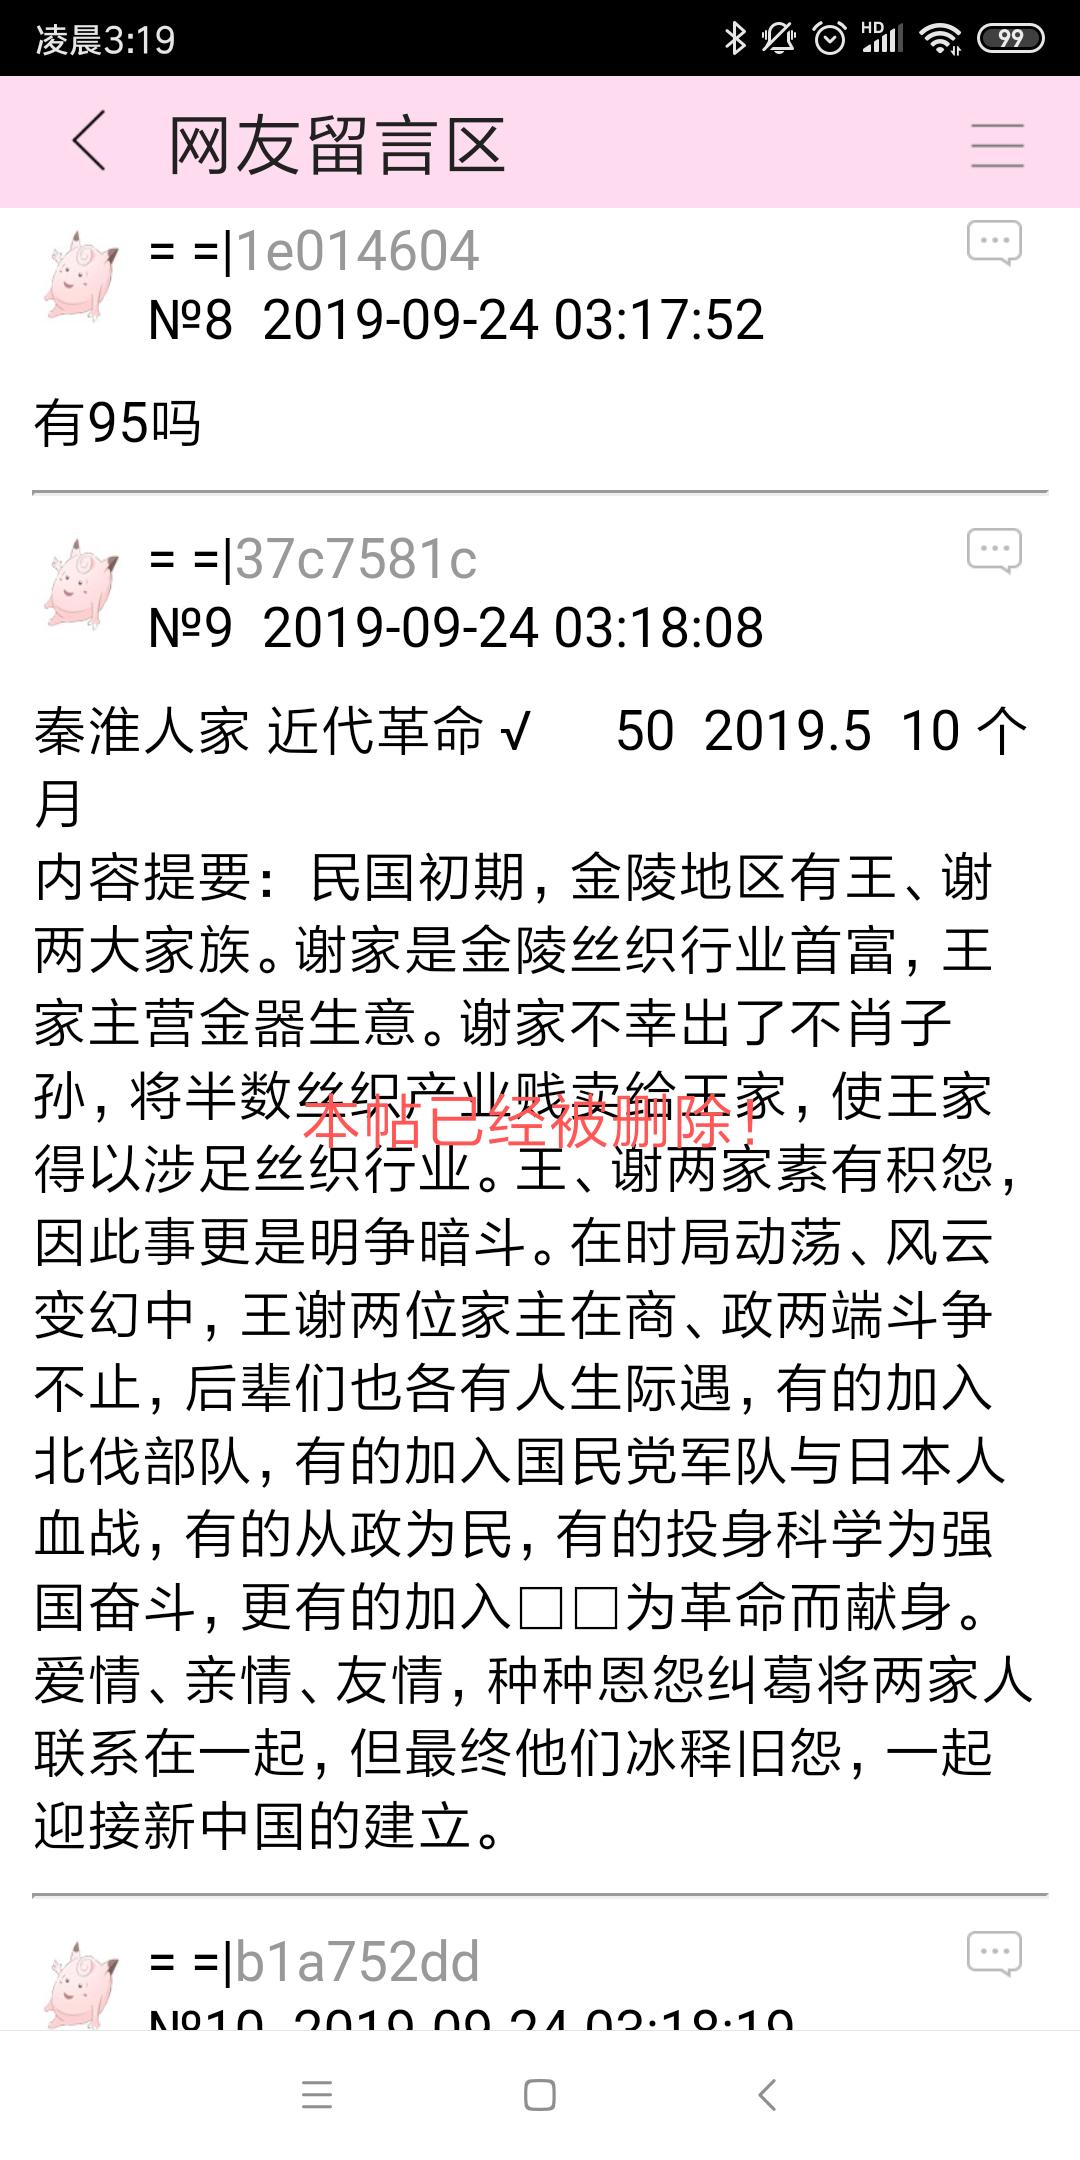 Screenshot_2019-09-24-03-19-23-508_com_jjwxc_reader.png